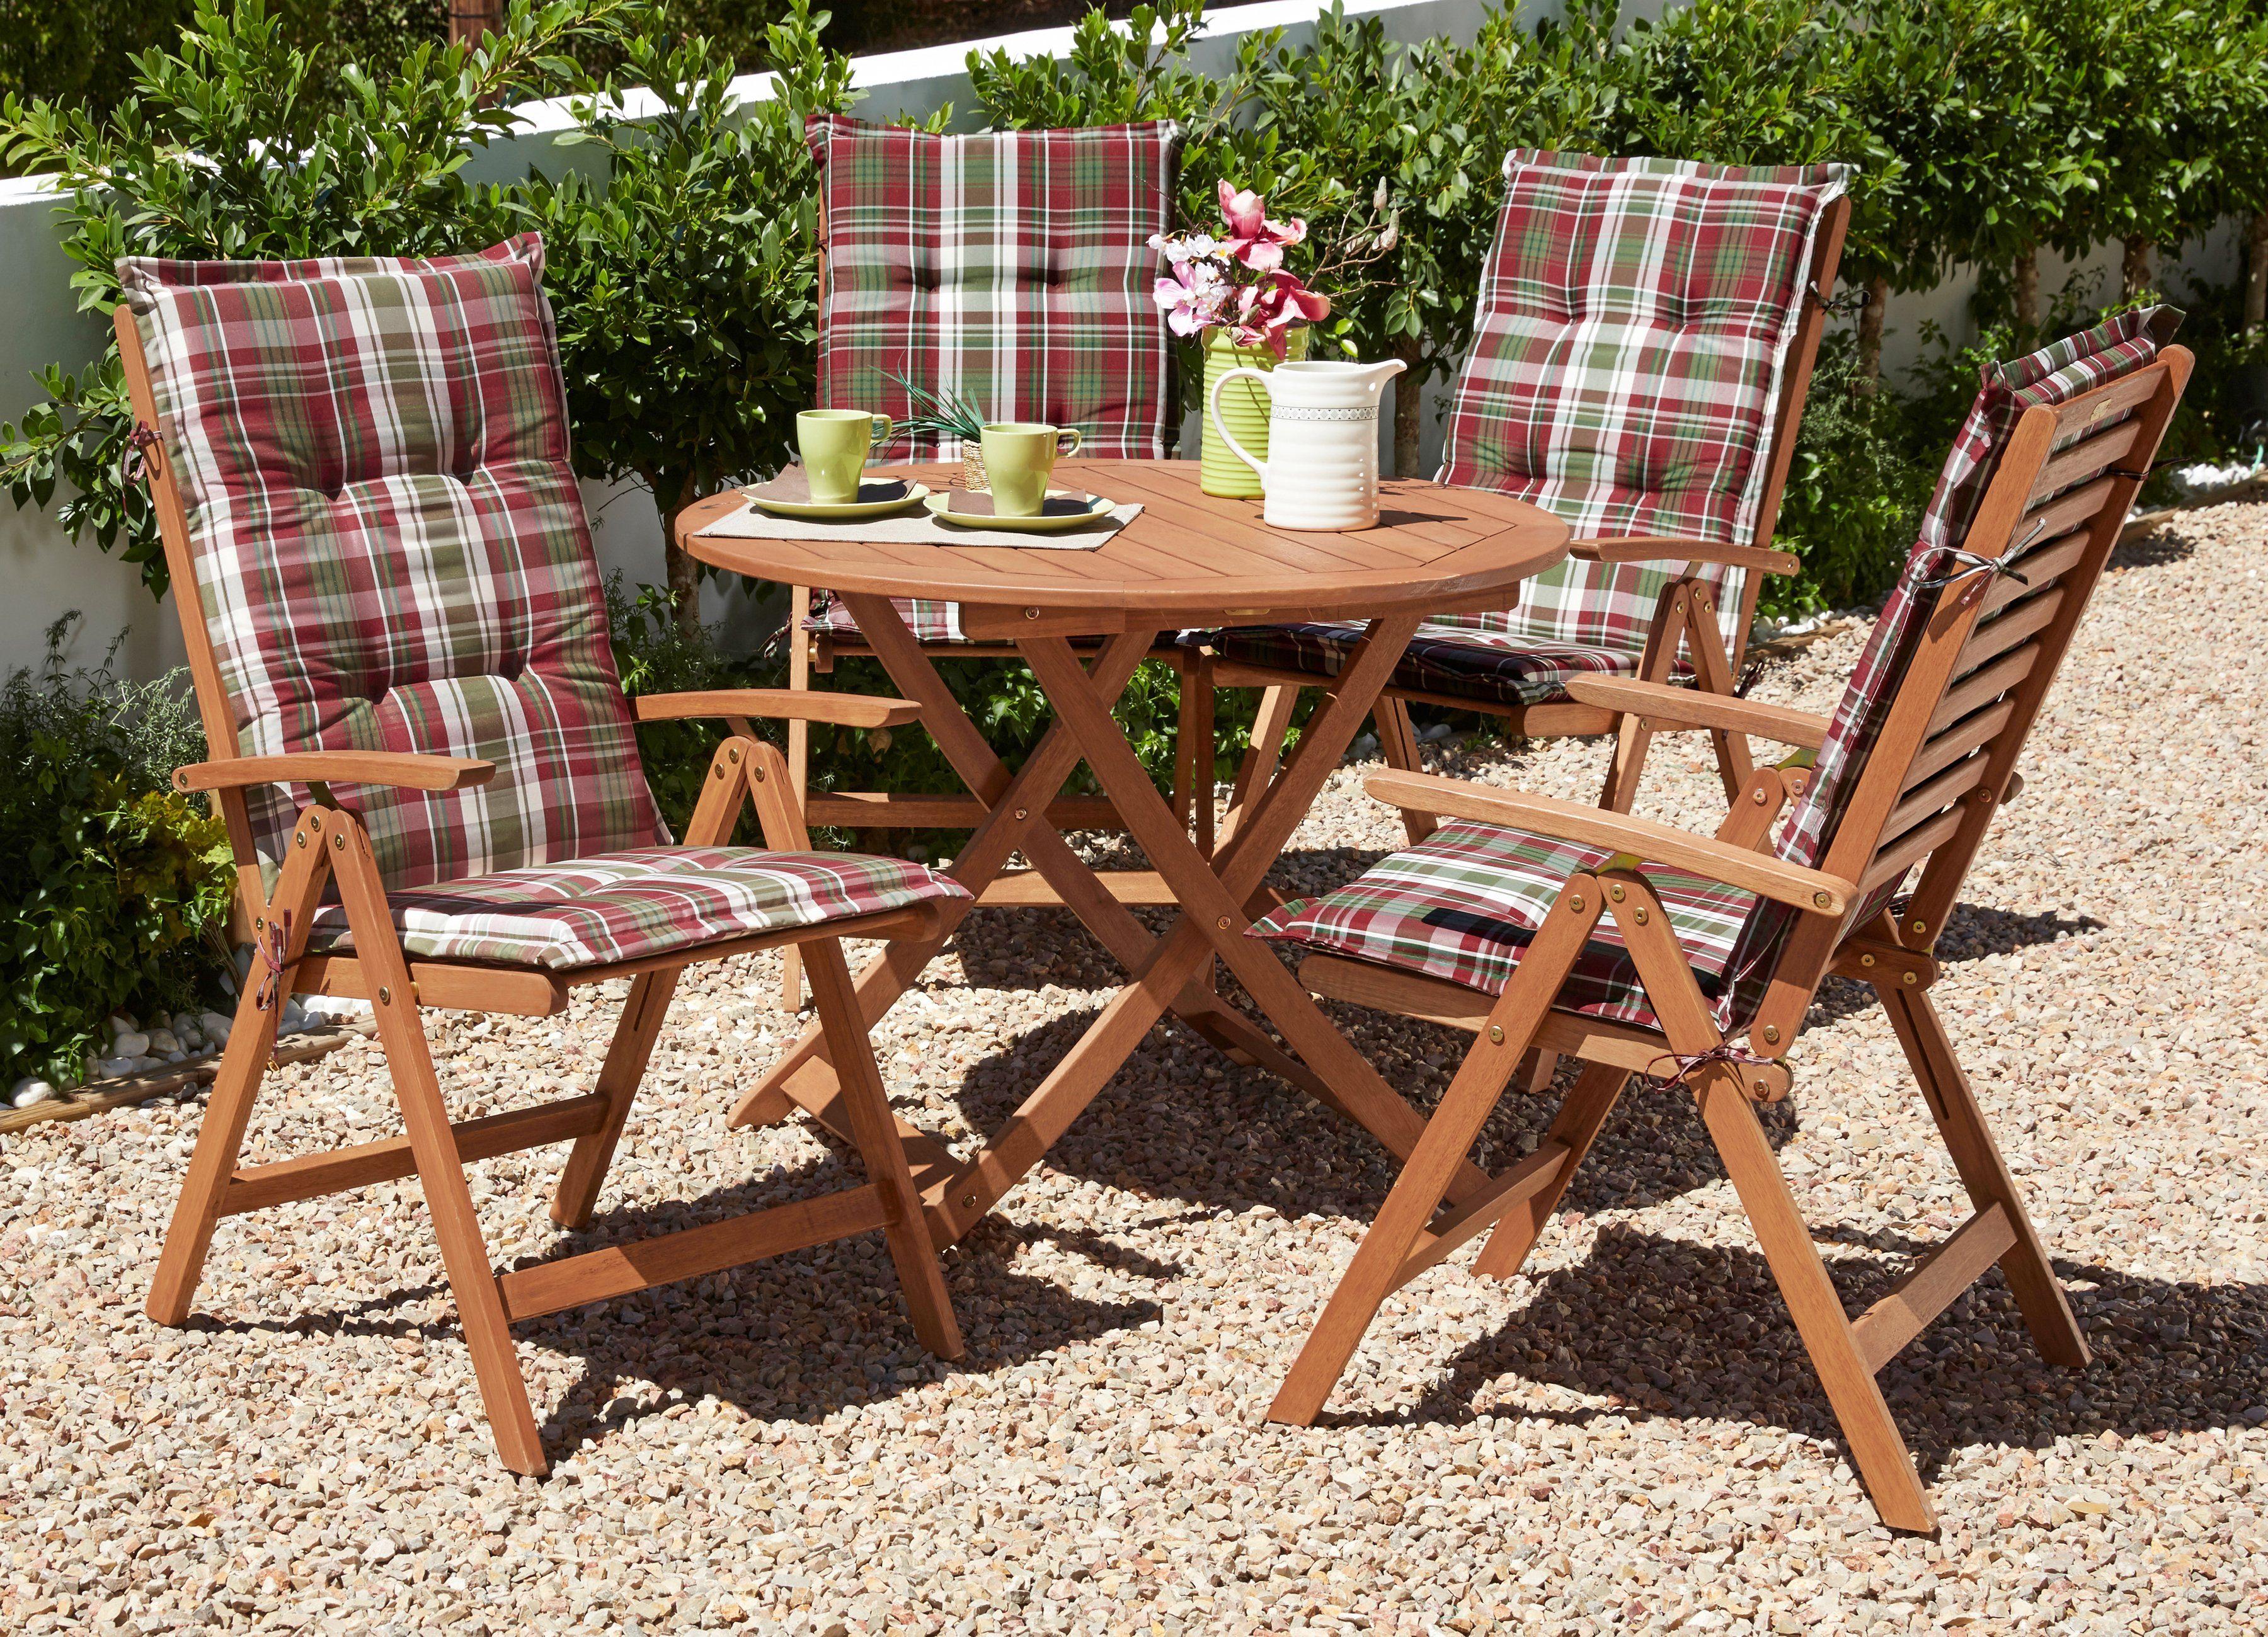 Gartenmöbel Set Holz Teilig ~ Indoba gartenmöbel set teilig montana gartenset holz garnitur